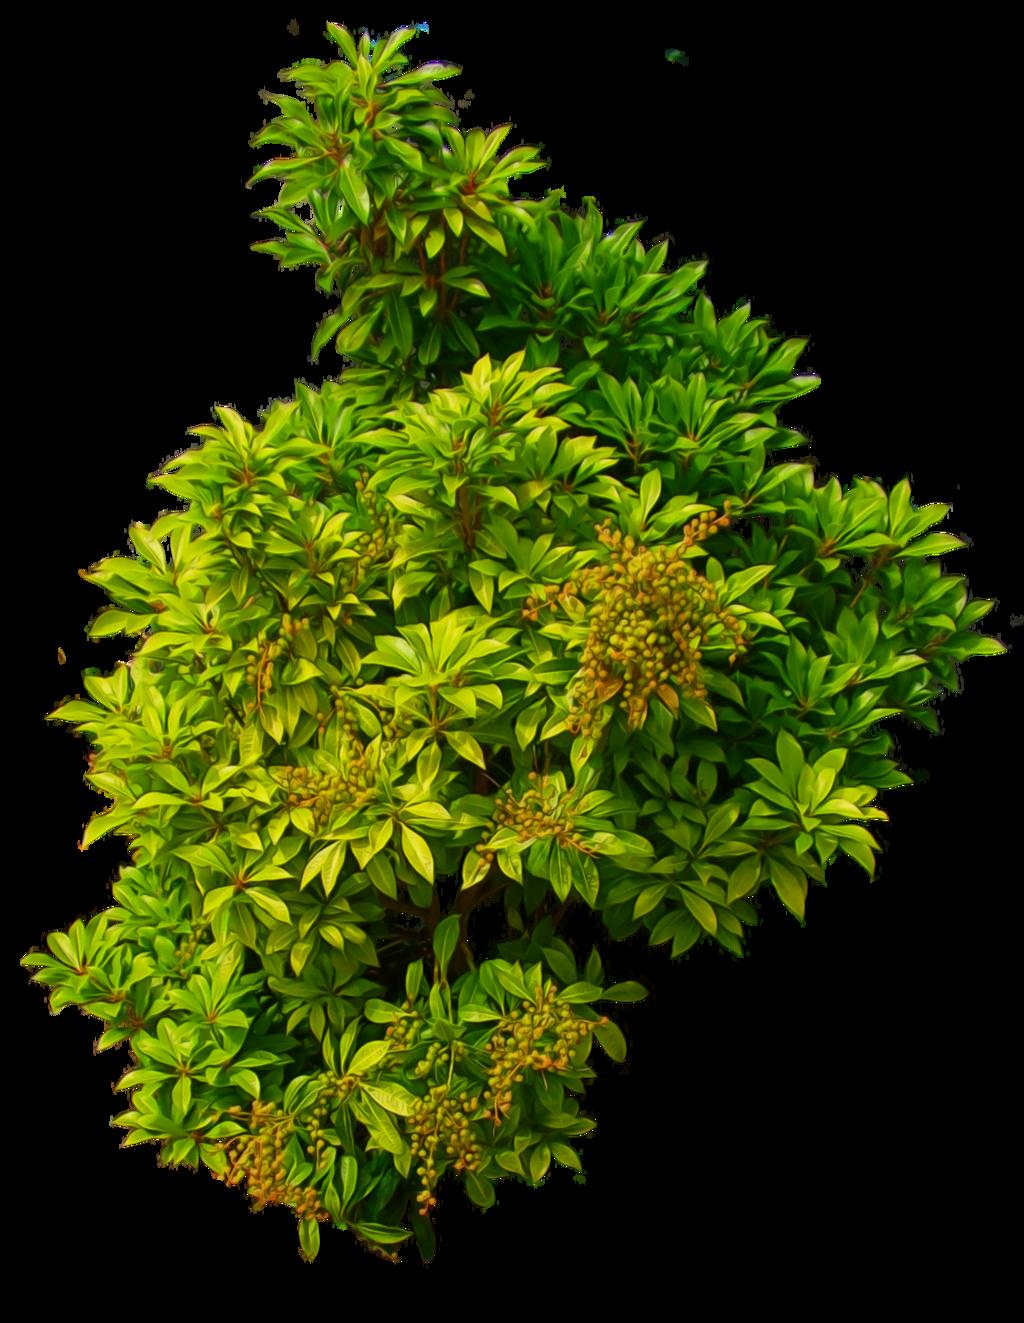 Bush PNG - 18850